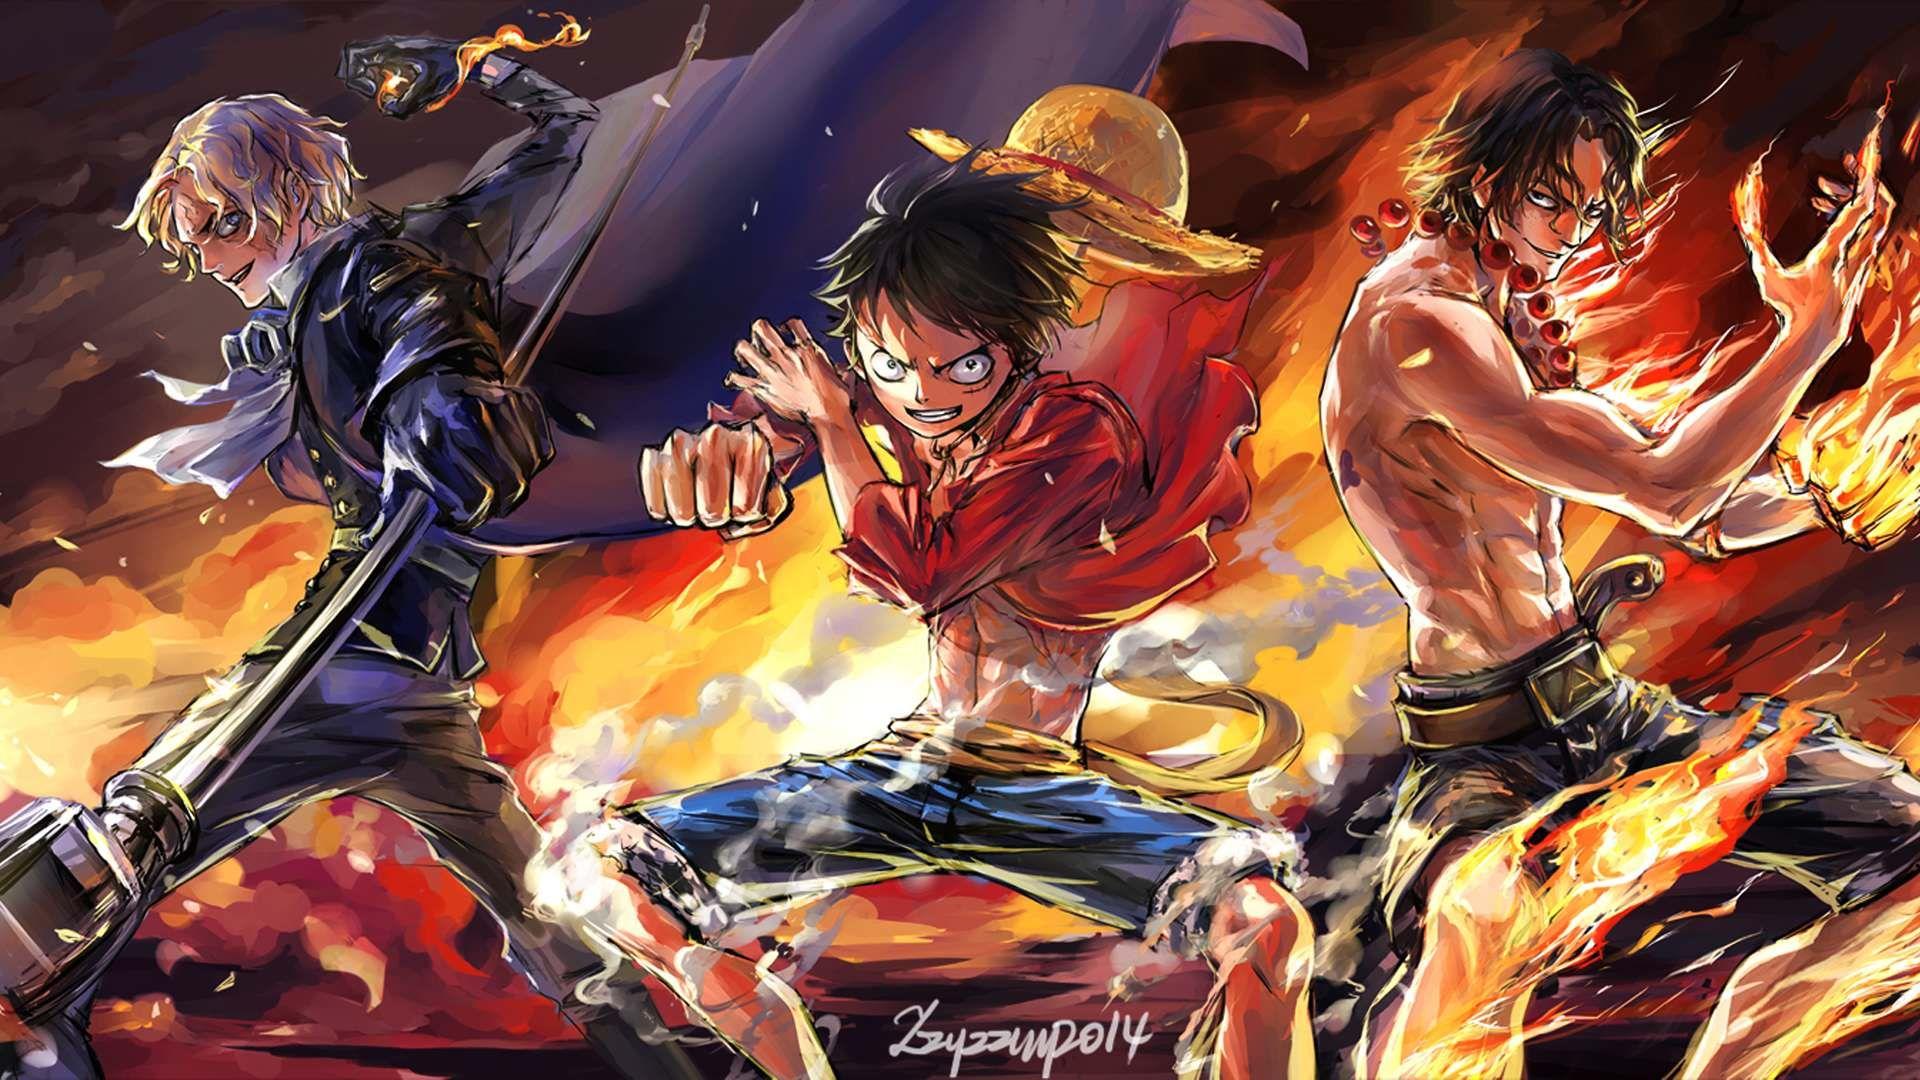 Sabo Luffy Ace Wallpaper Jpg 1 920 1 080 Pixel Gambar Anime Gambar Kartun